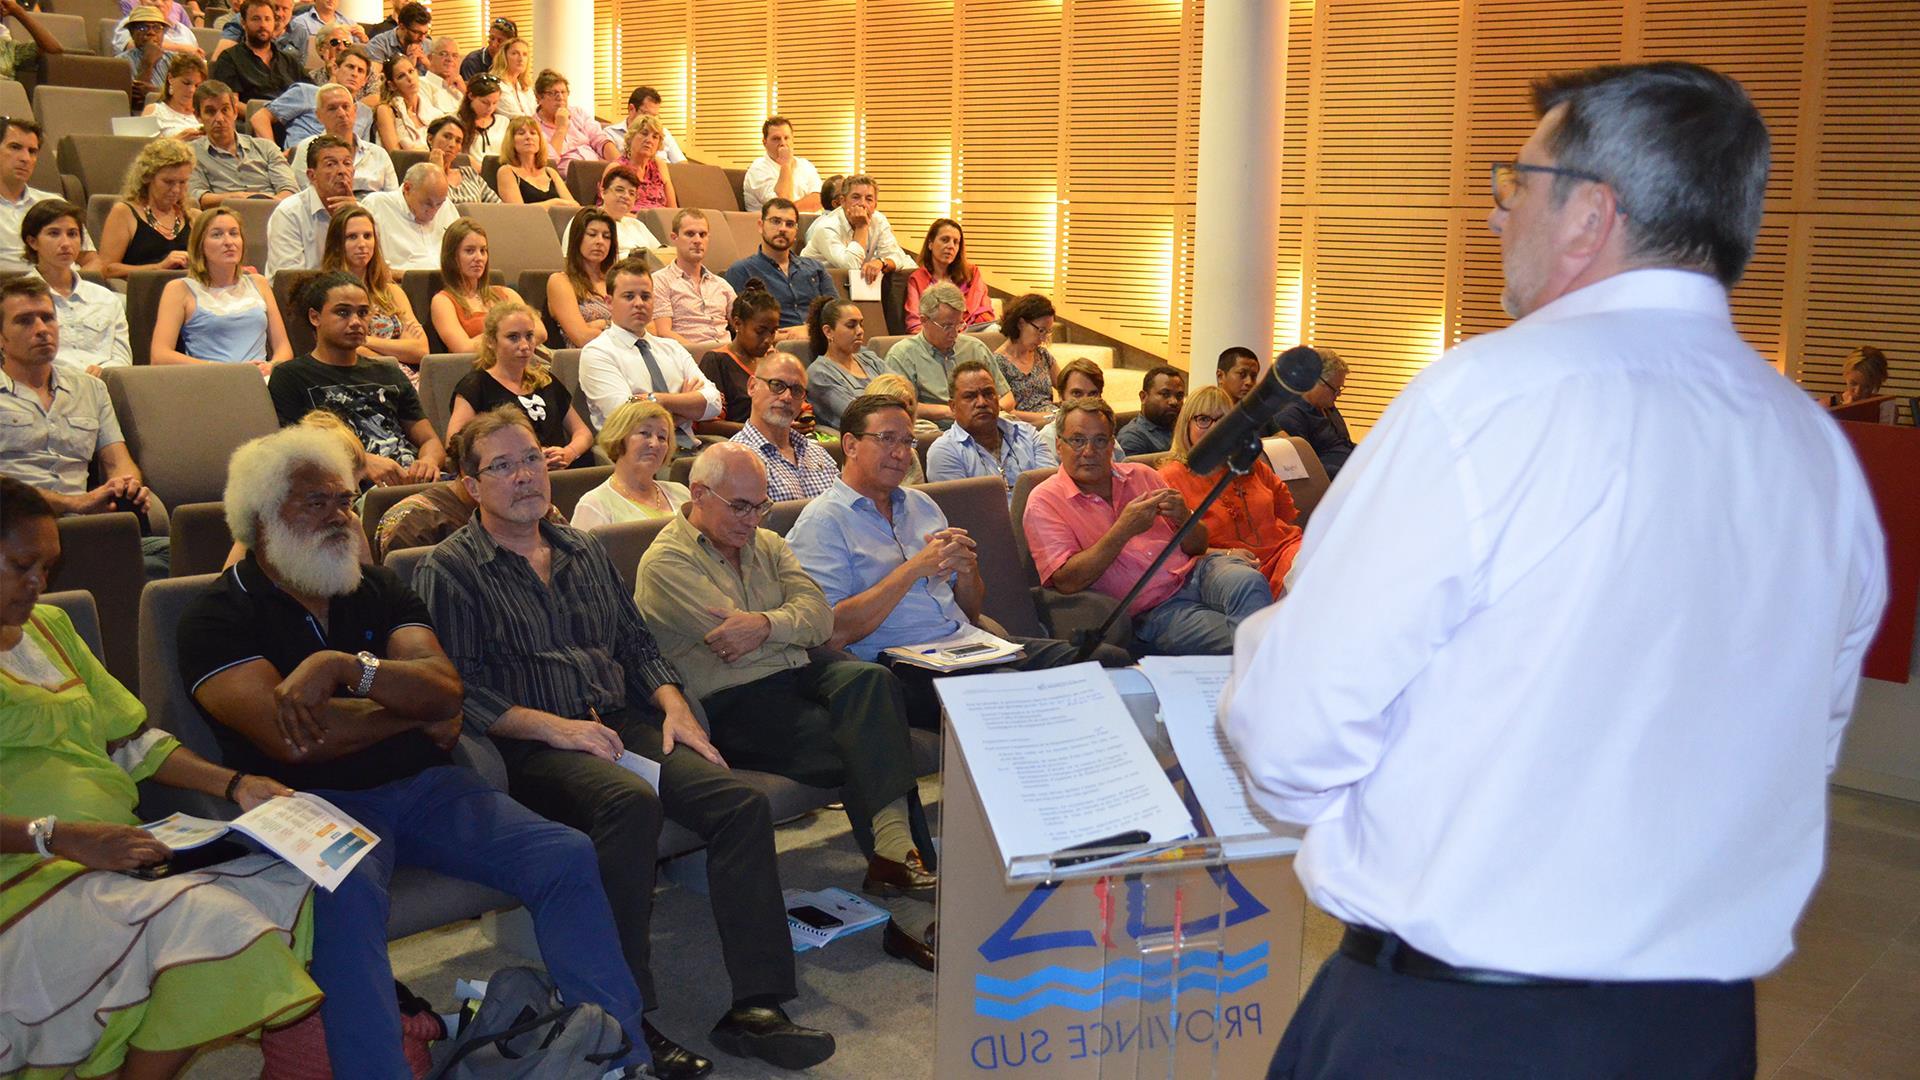 Le Président du gouvernement de la Nouvelle-Calédonie, Philippe Germain, a présenté les grandes lignes de la stratégie touristique calédonienne ©Gouv.nc